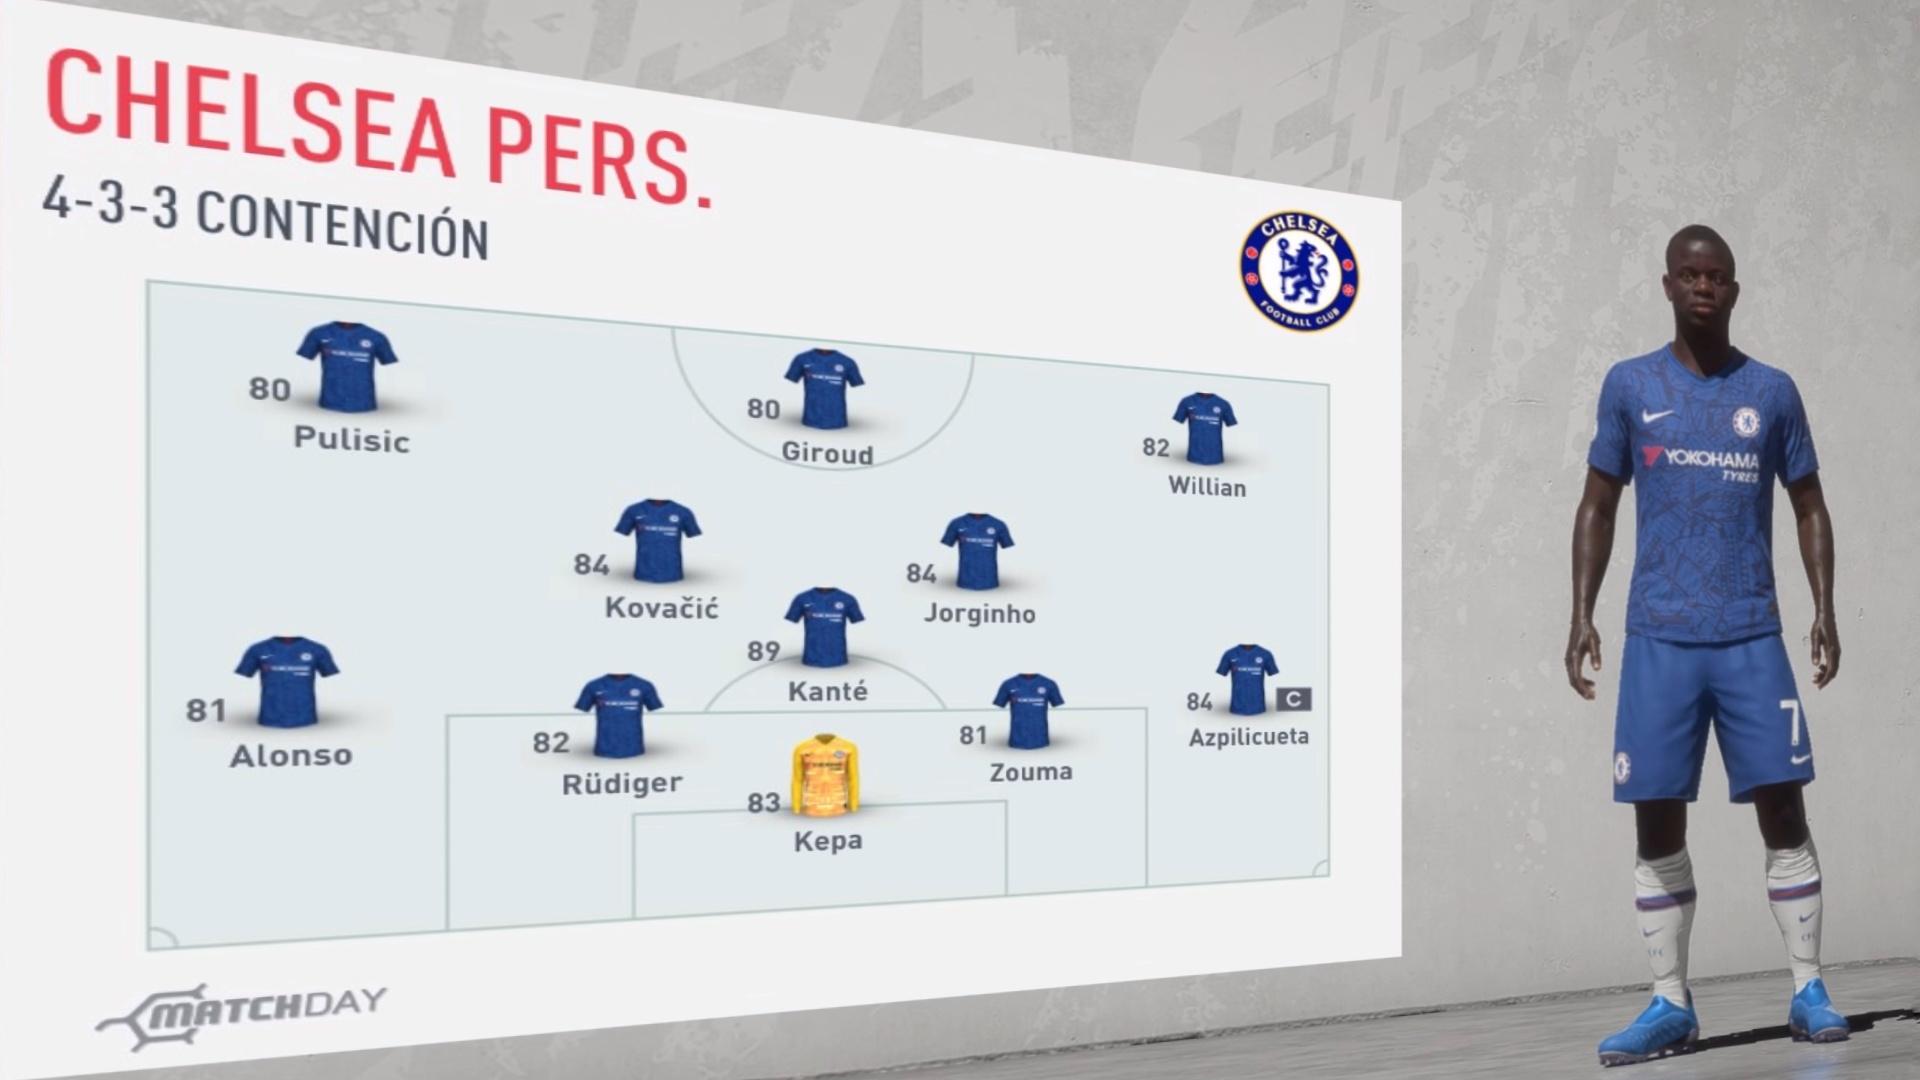 Chelsea 2019-20… Análisis Fifa 20… Los de Stamford Bridge no son lo que eran